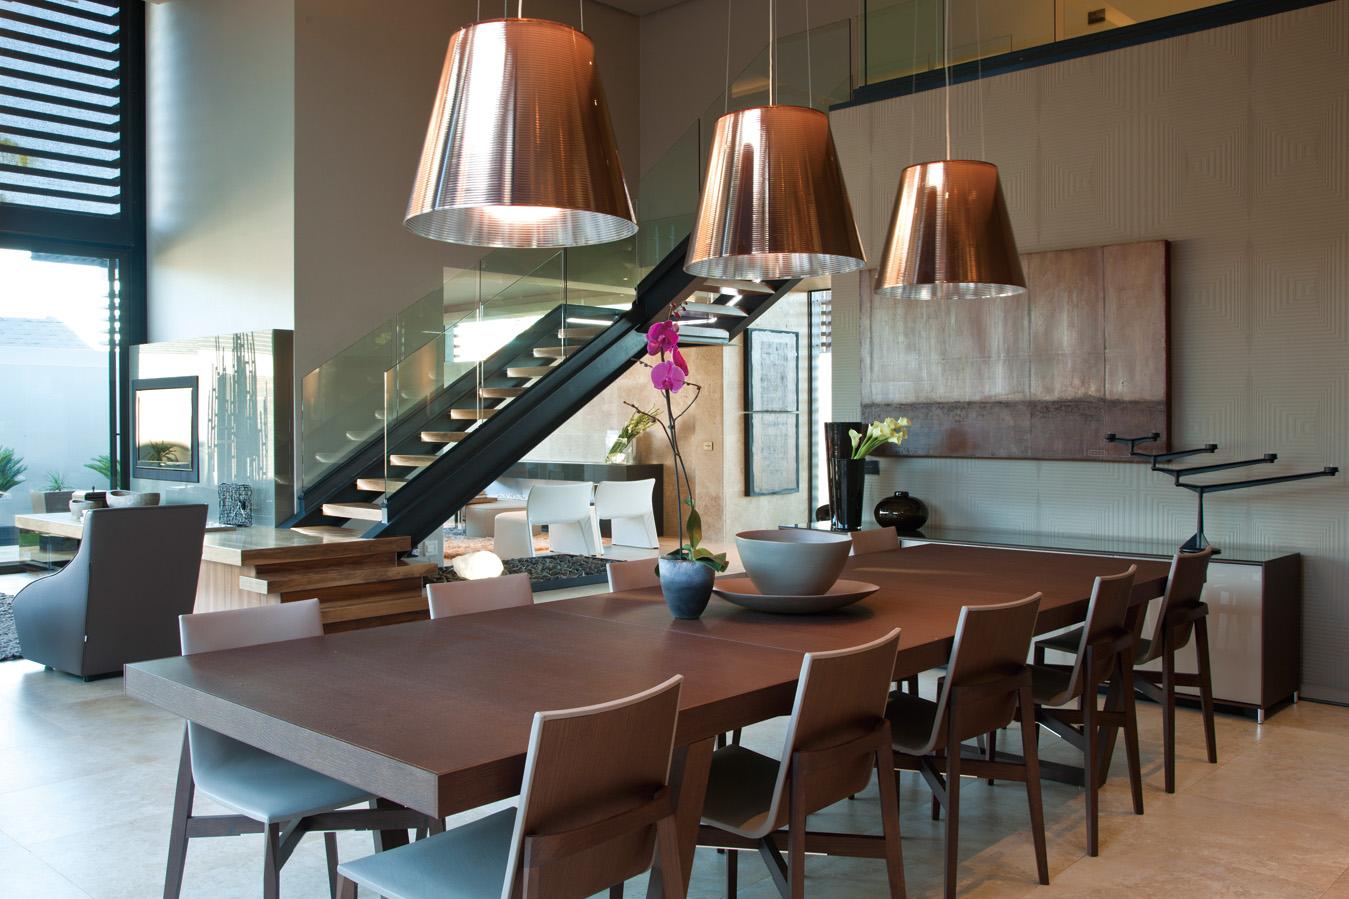 简约 欧式 田园 混搭 二居 三居 别墅 白领 旧房改造 餐厅图片来自元洲装饰木子在简约风格装修设计的分享